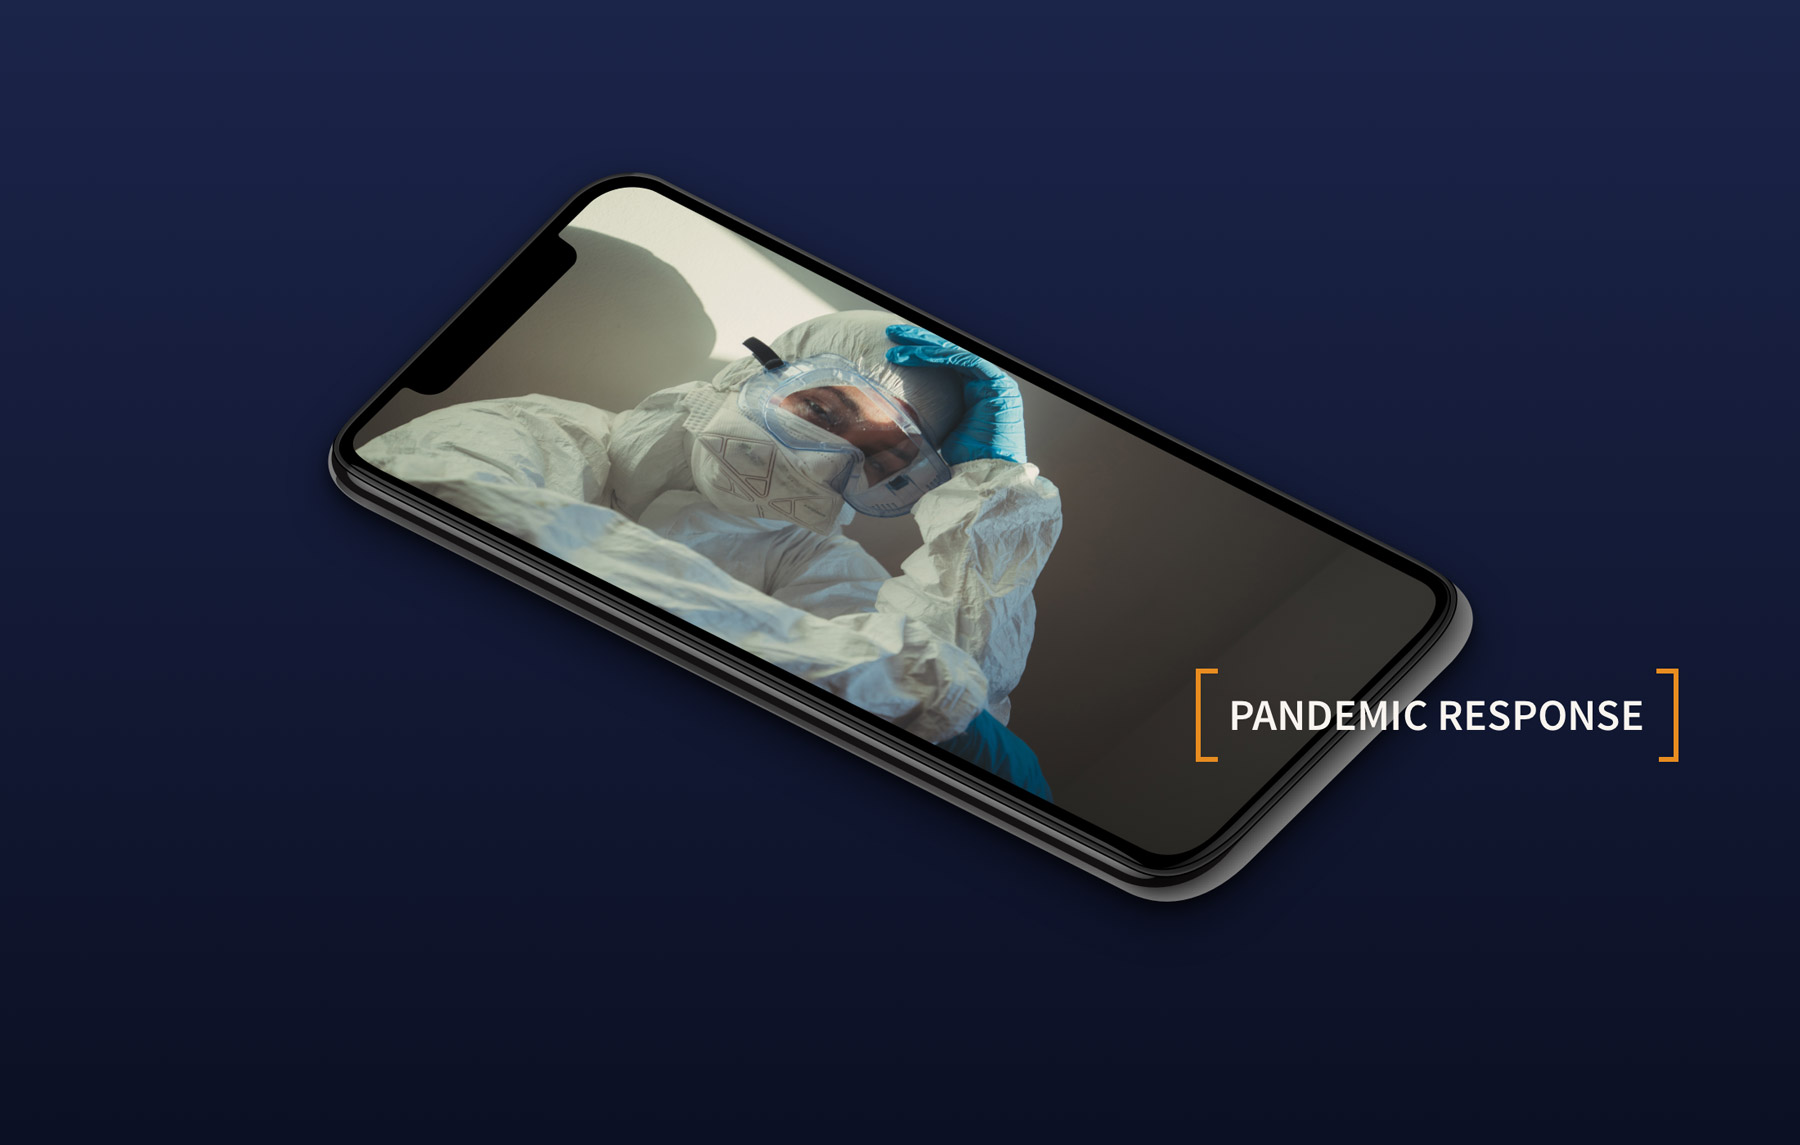 Center For Humane Technology Hero 4 - Pandemic Response